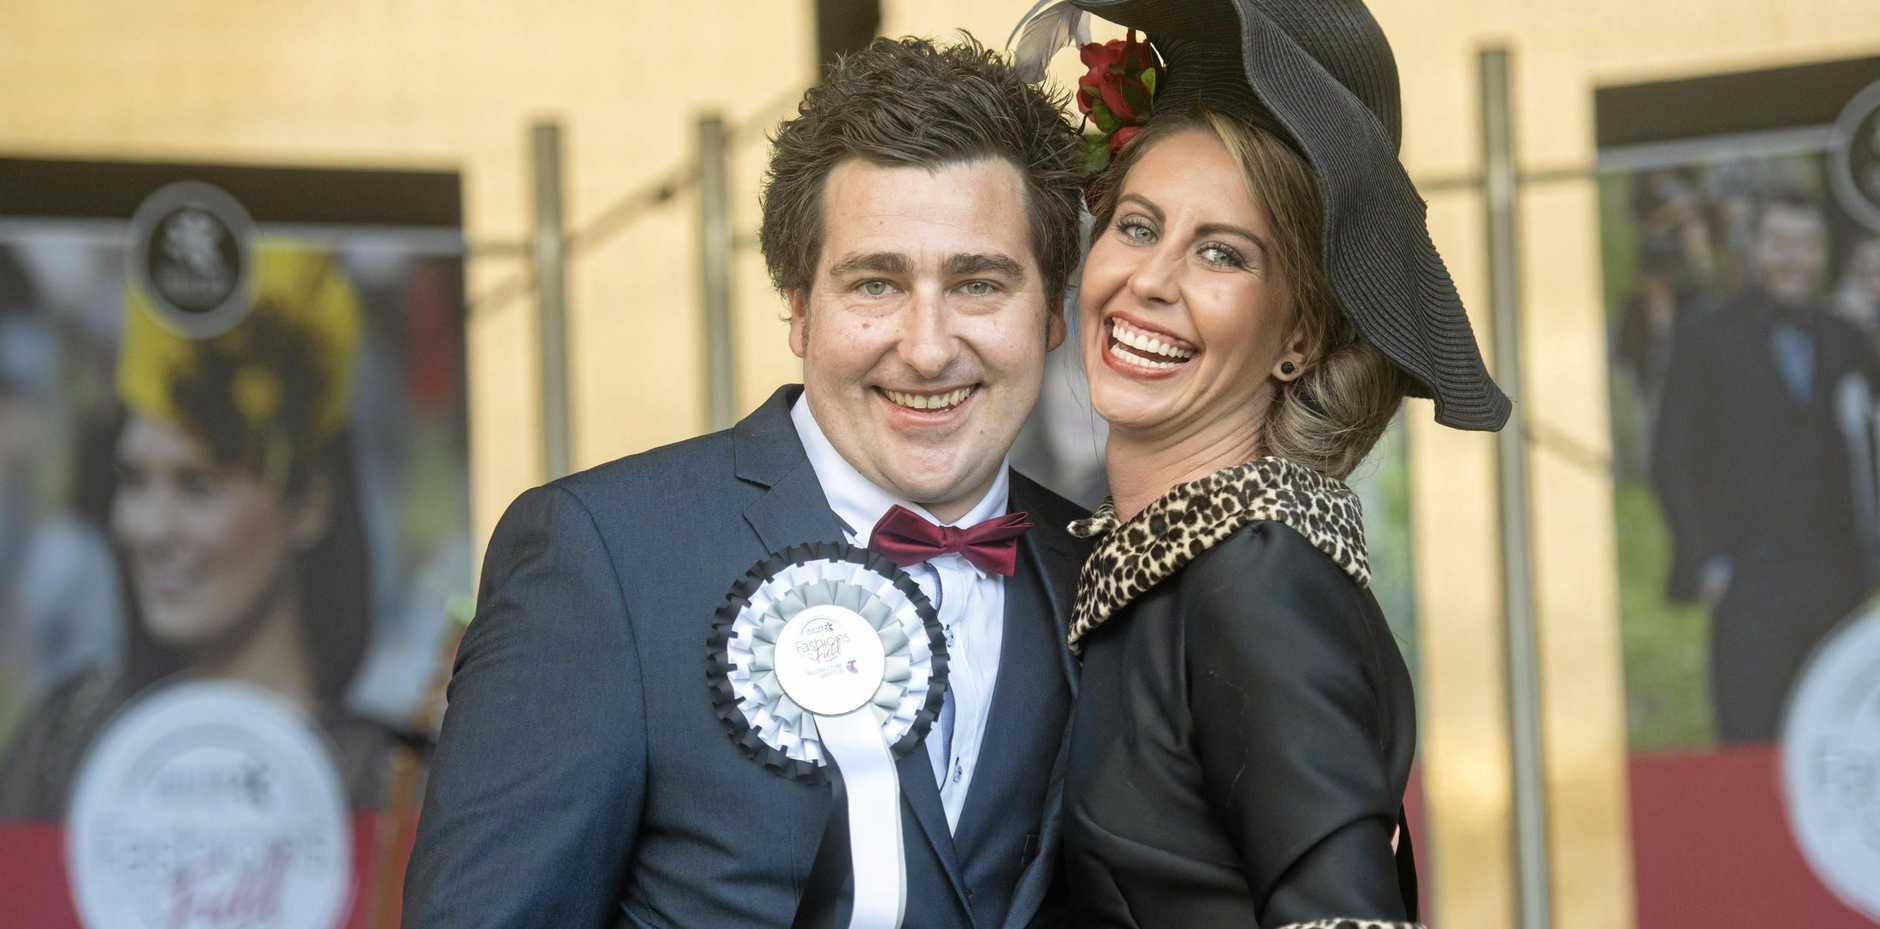 Scott Fawcett and Cathlene Navie of Grafton won the Telstra Best Dressed Couple prize.